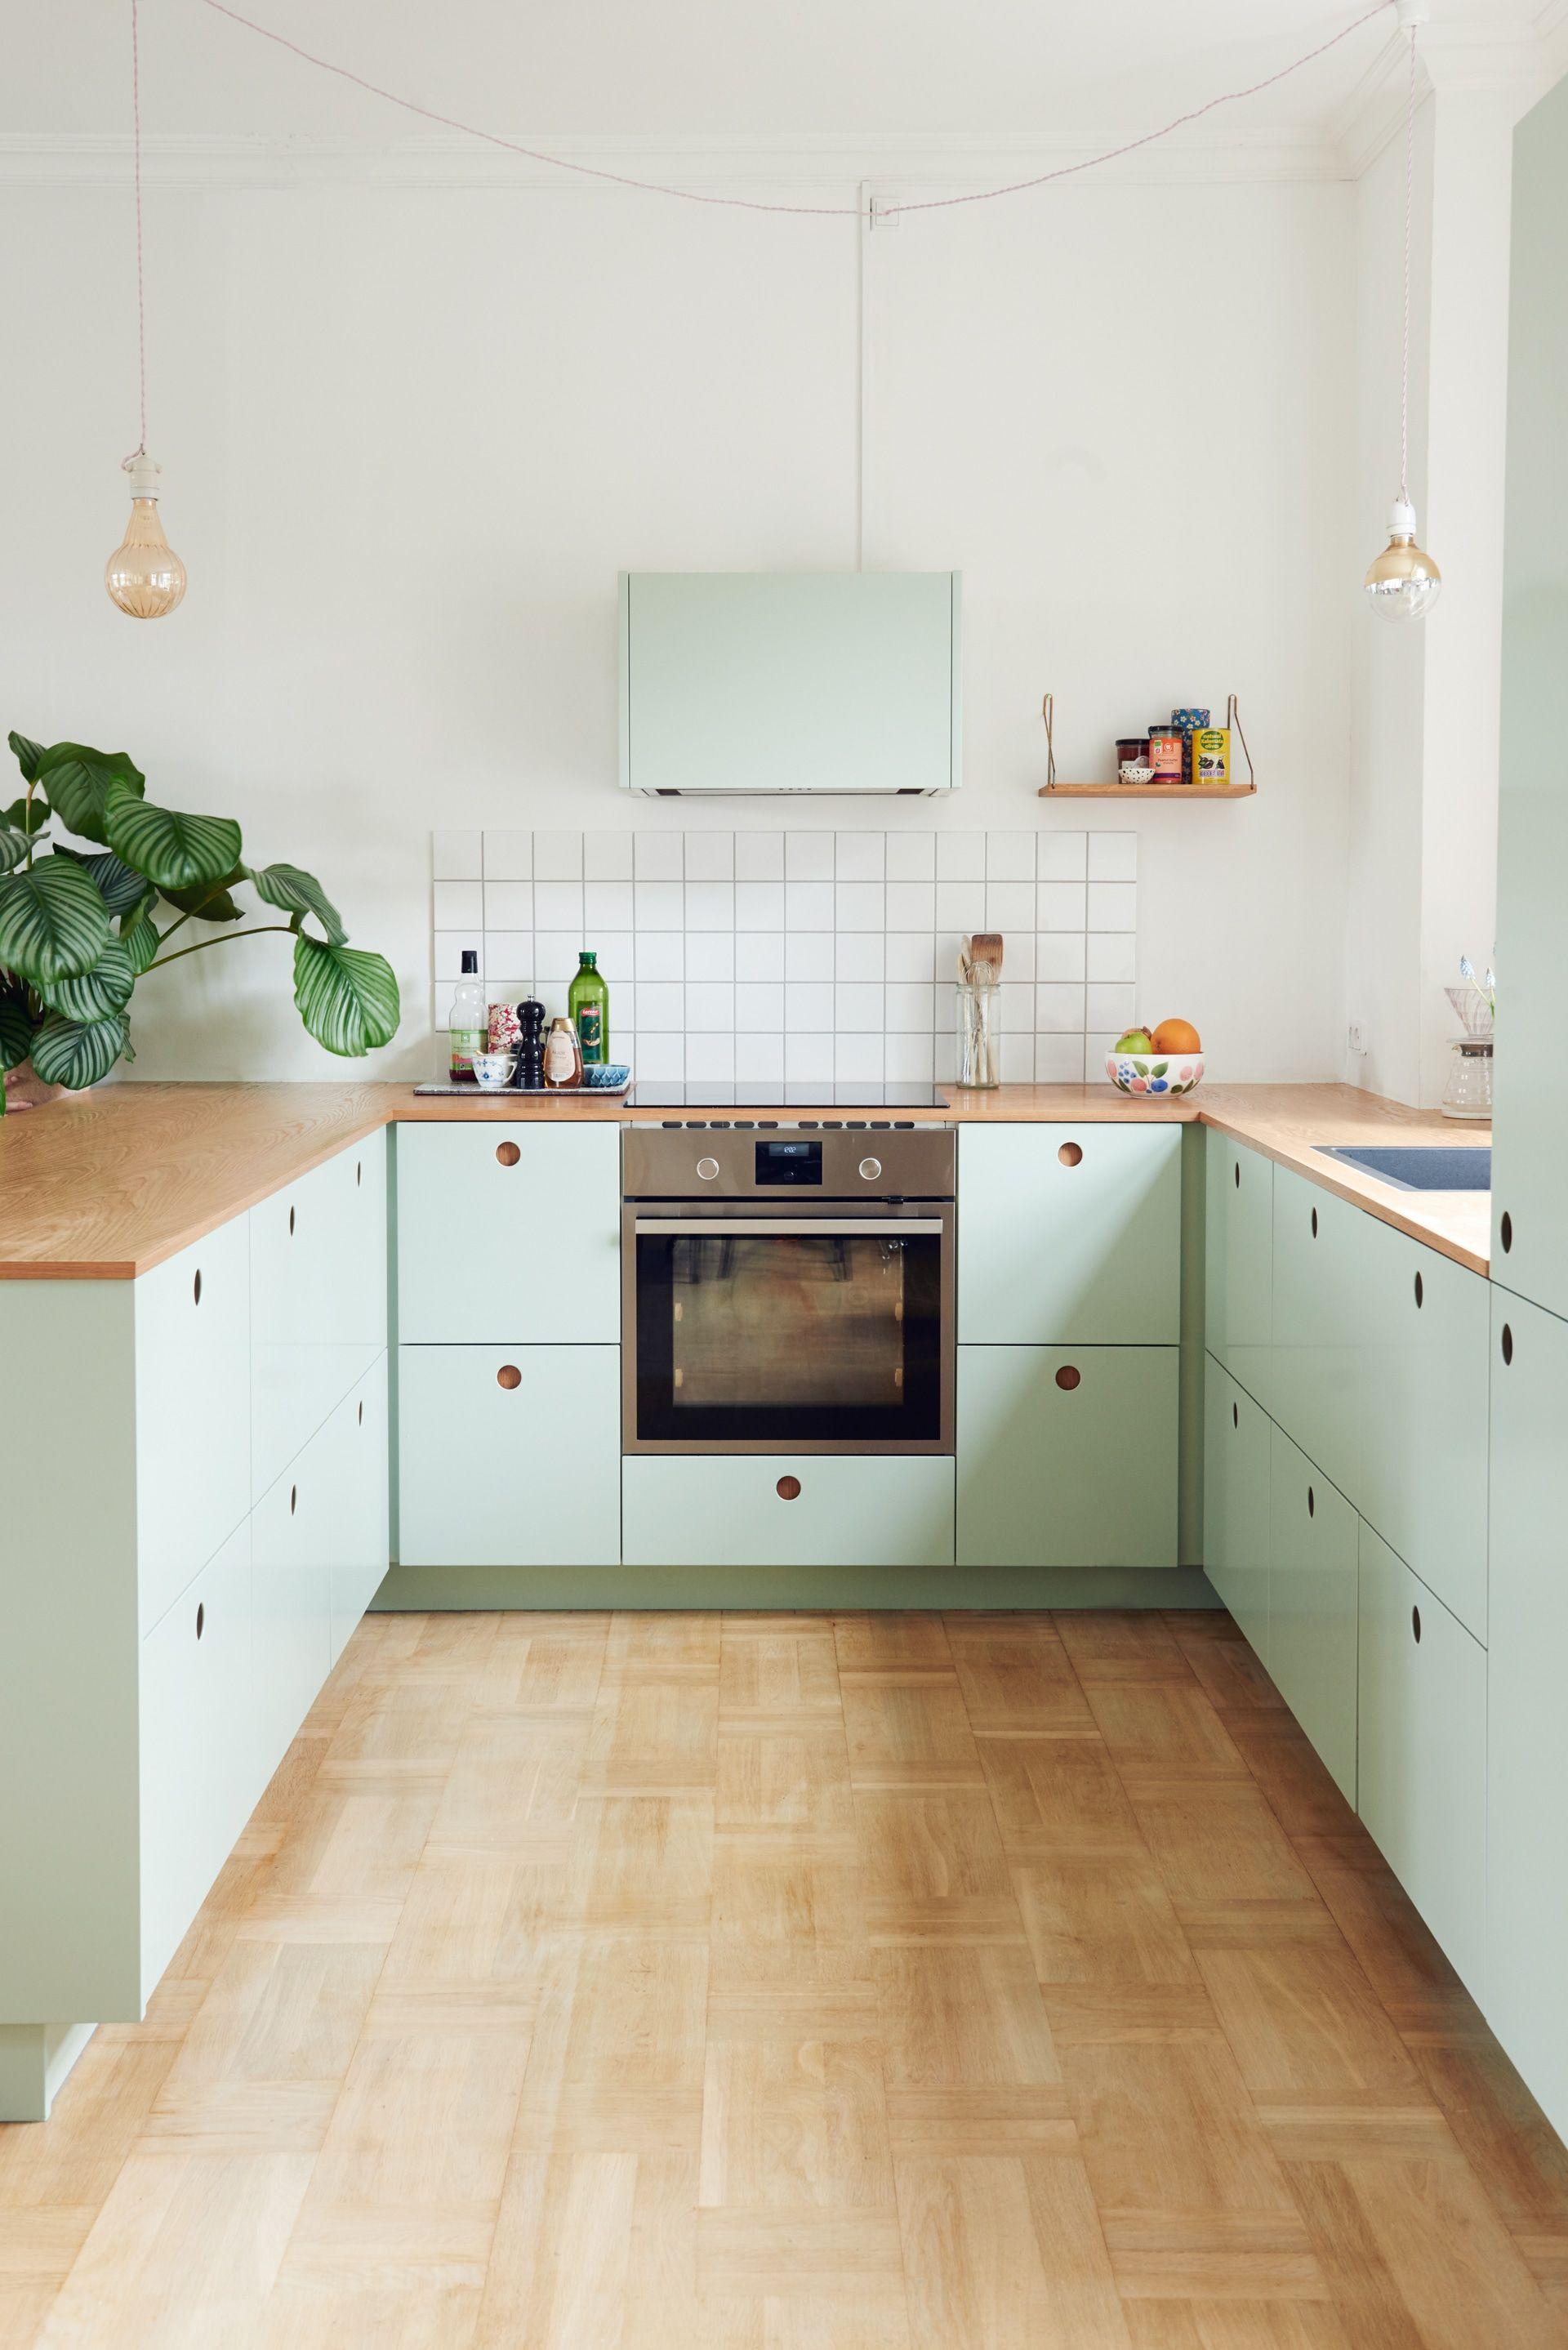 Inspiration Frederiksberg Danemark Kuchen Mobel Kuchen Fronten Und Ikea Hack Kuche